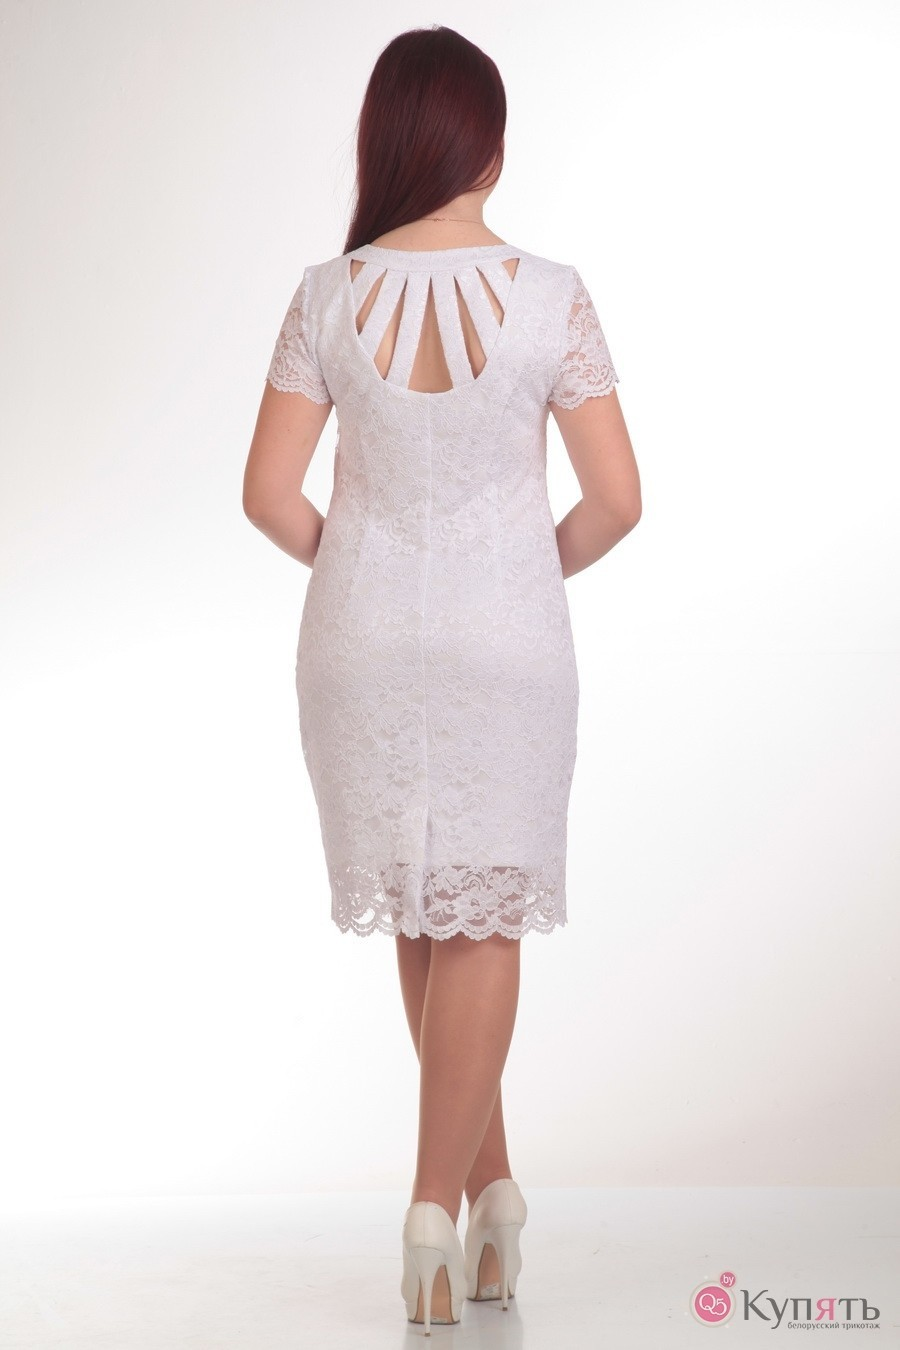 Шик Интернет Магазин Женской Одежды